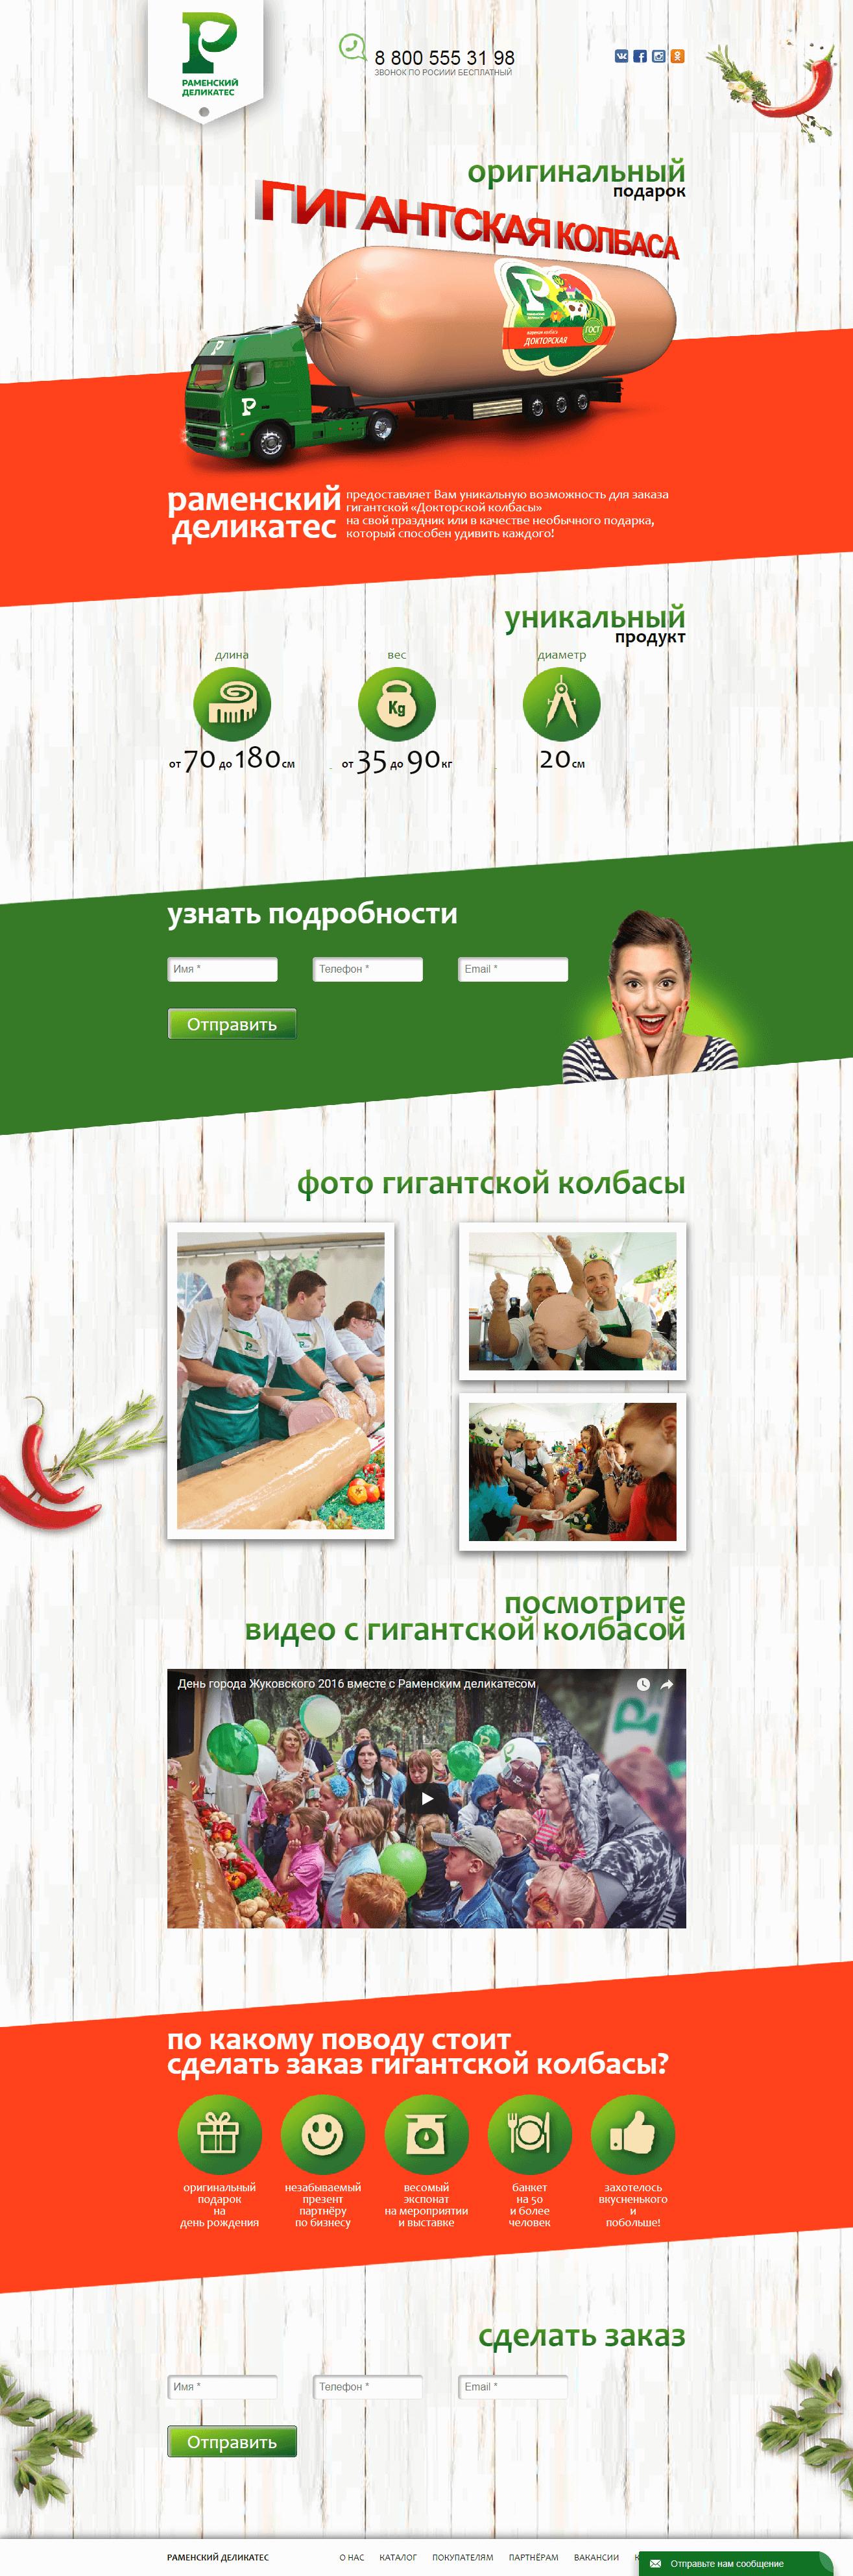 Разработка лендинга Гигантская колбаса Раменского деликатеса